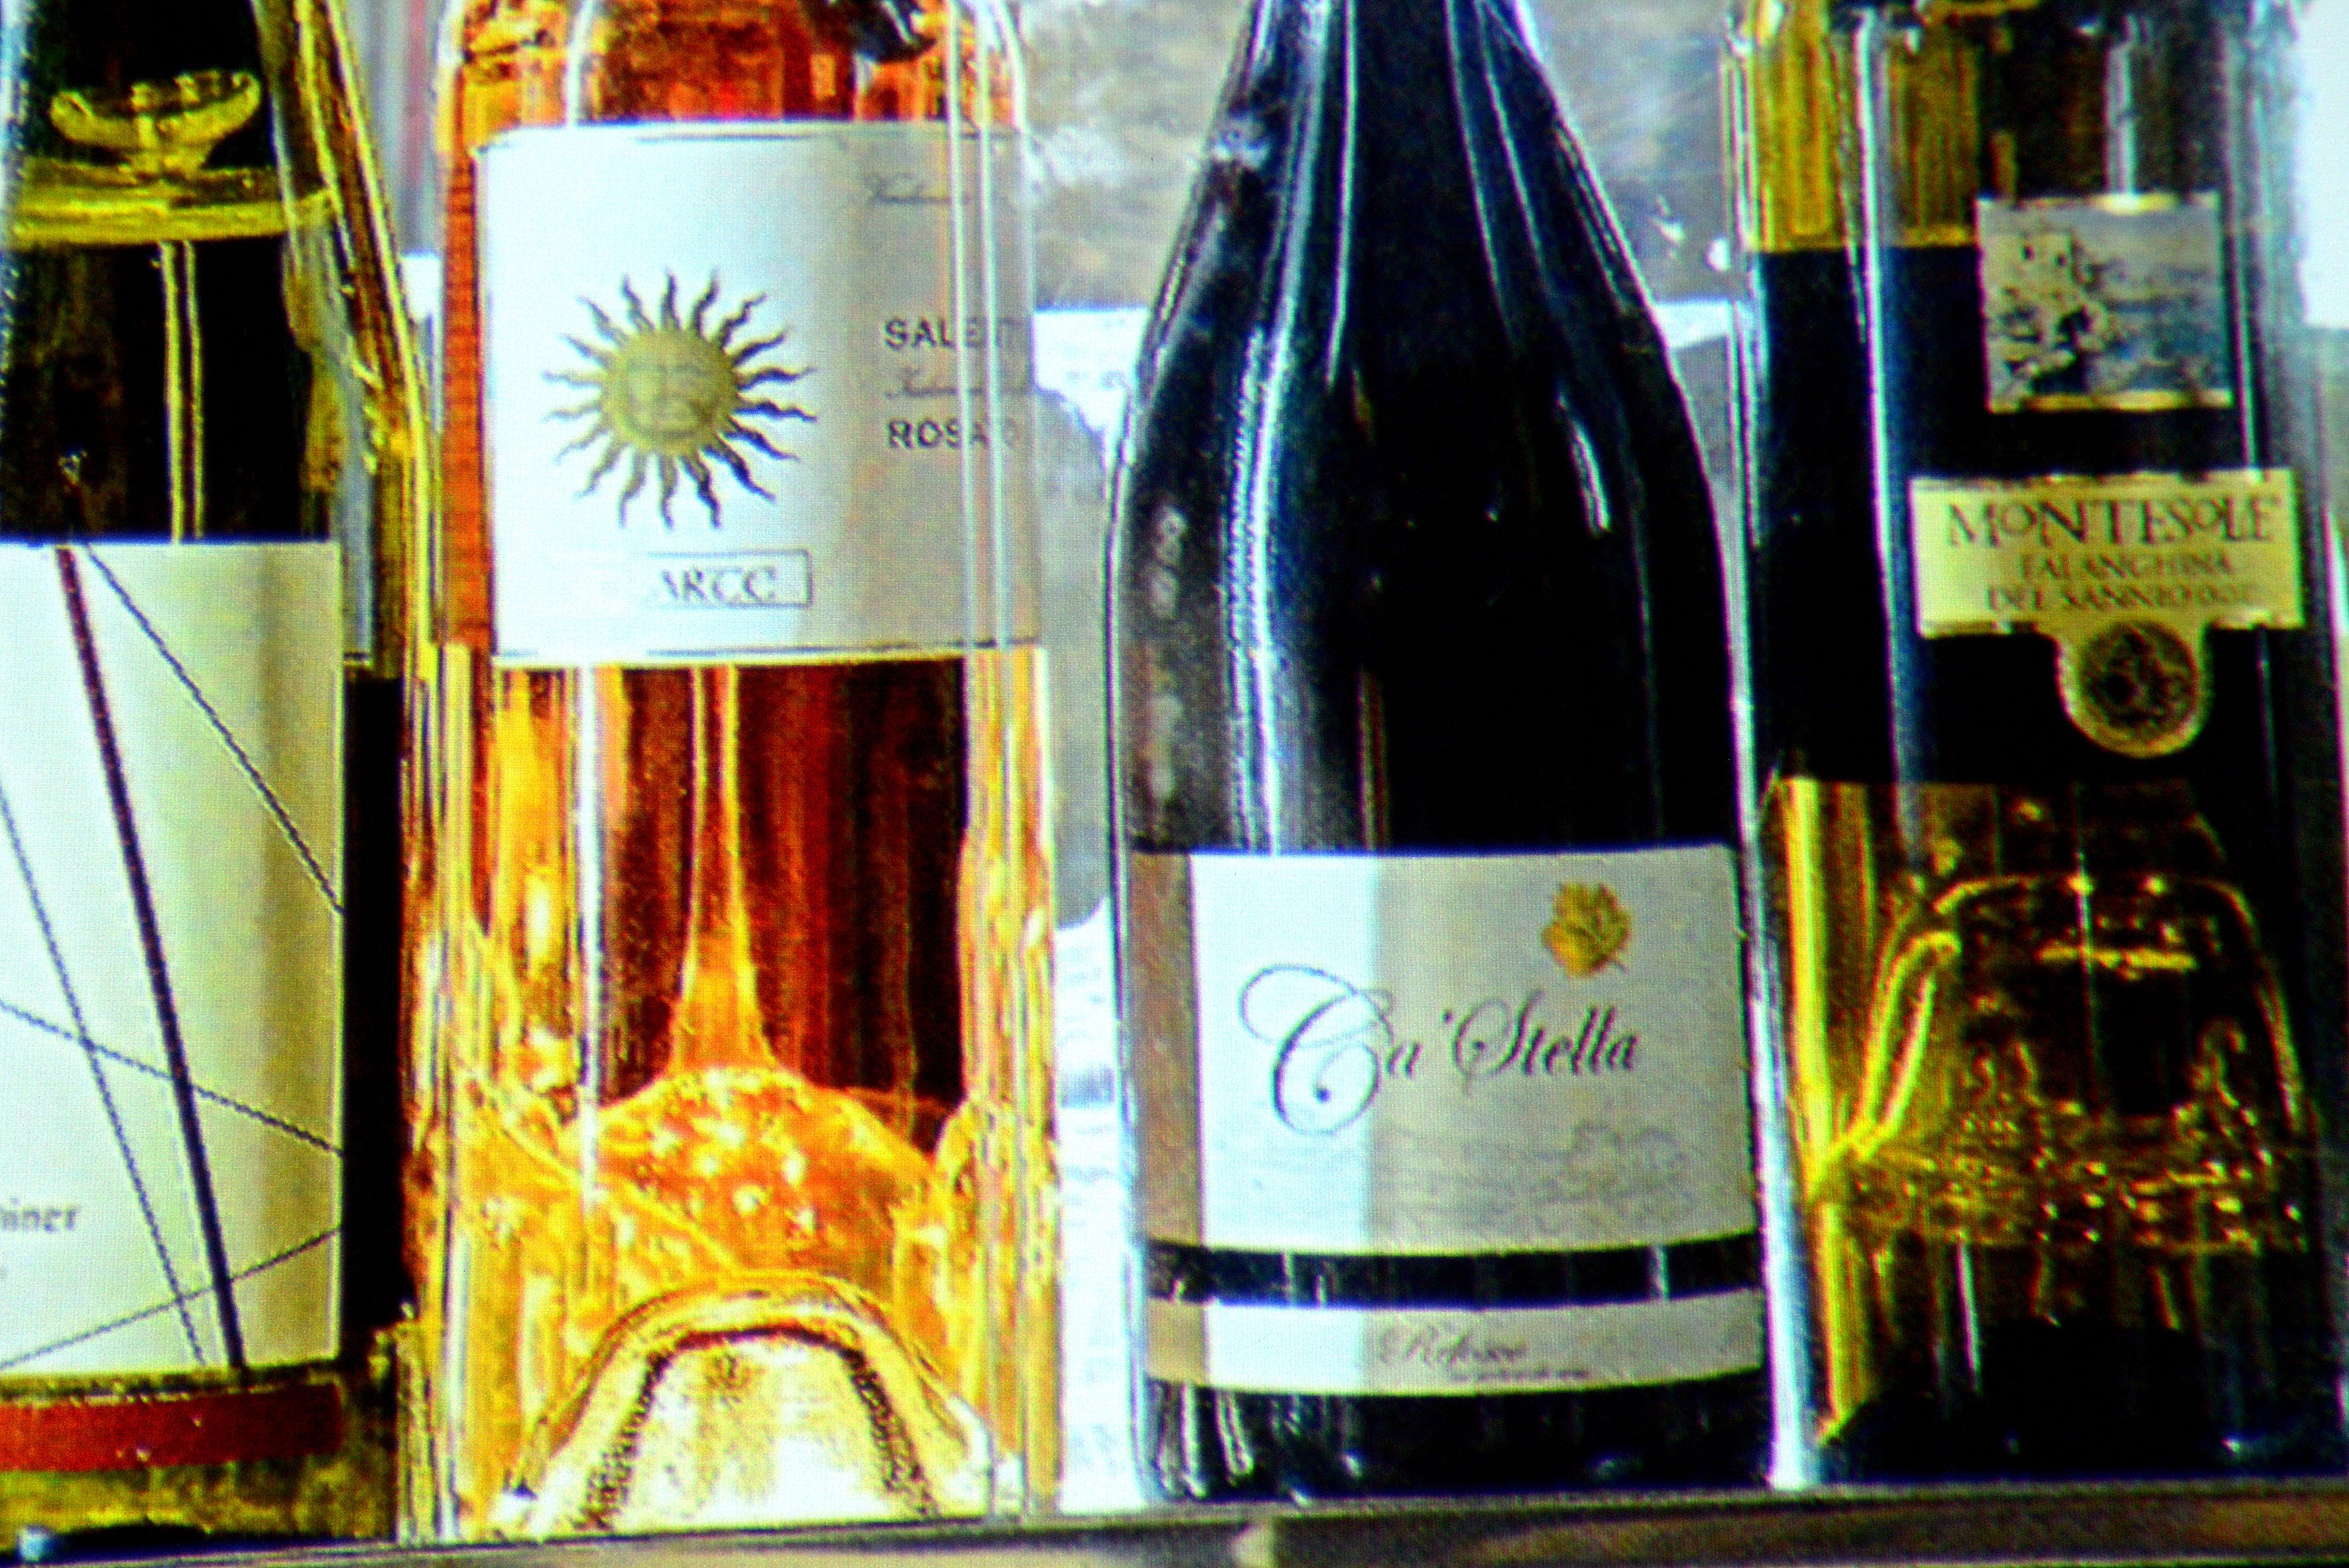 """Foto: Michael B. Rehders Wenn """"Low Latency"""" ausgeschaltet ist, werden die Namen auf den Etiketten der Weinflaschen vollständig abgebildet."""